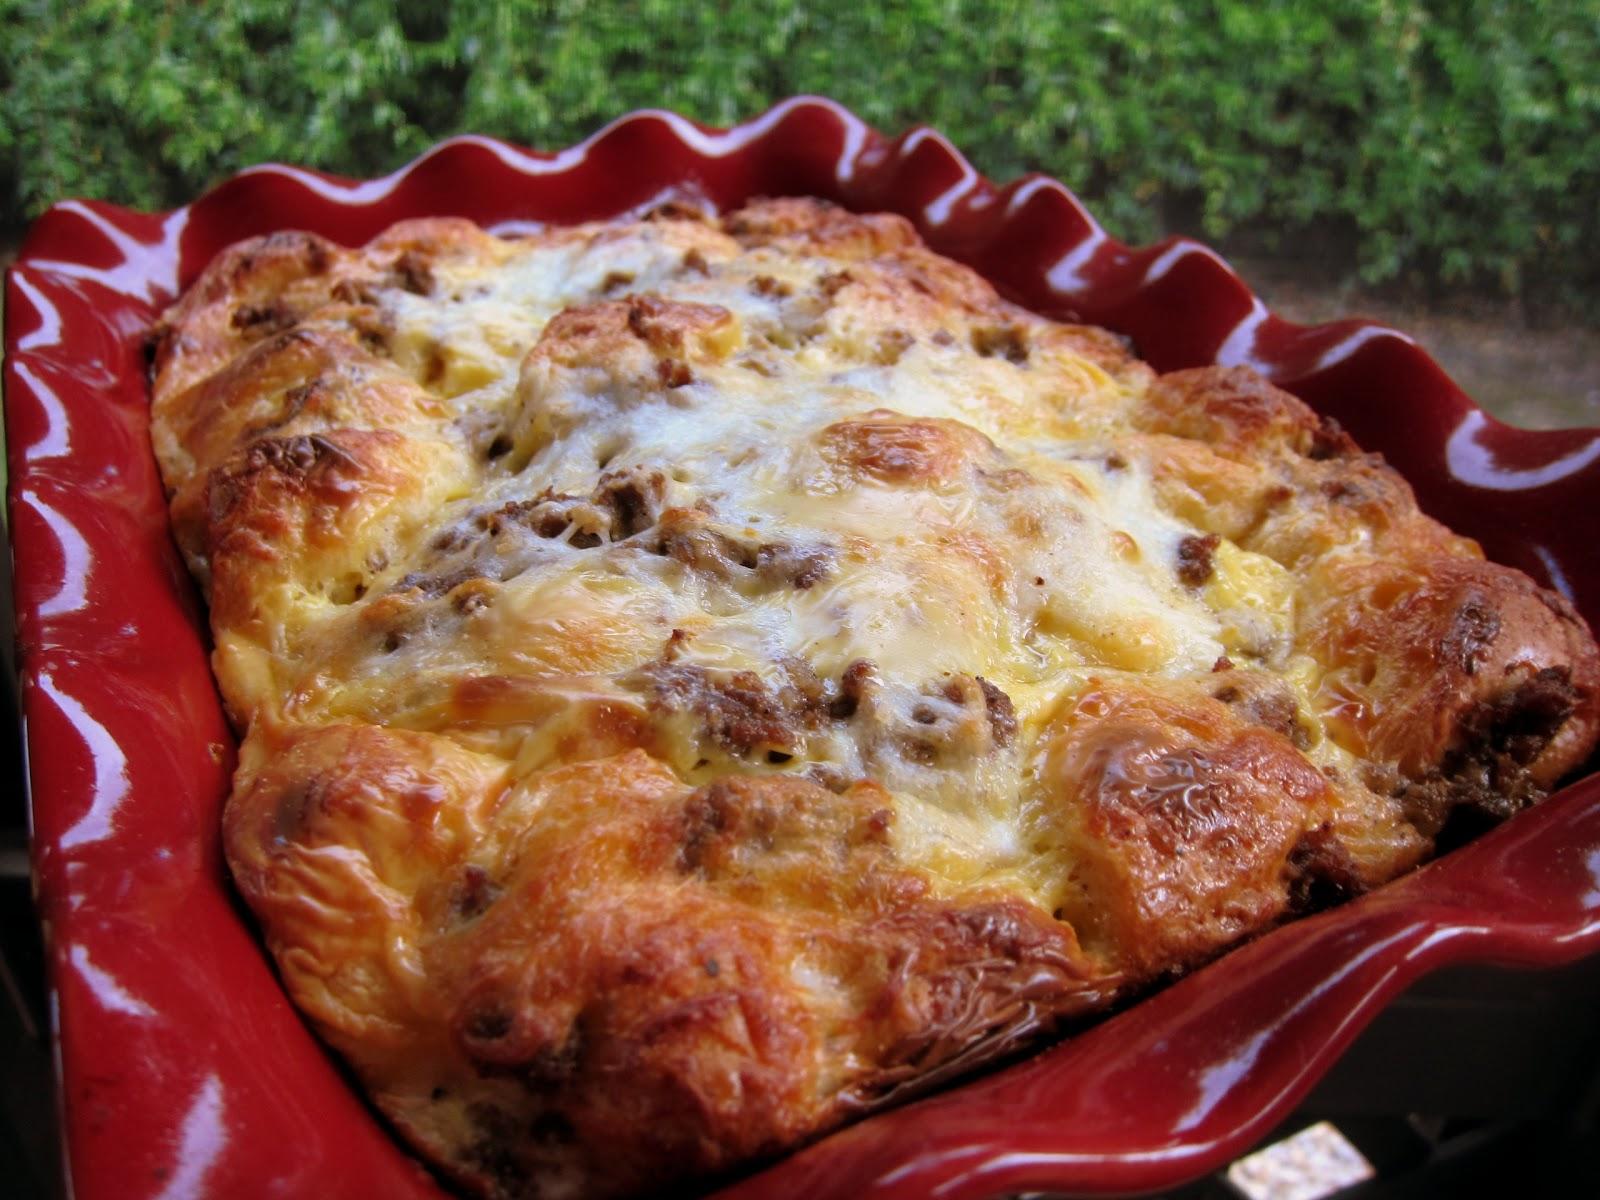 Chicken-Garlic Sausage, Kale, And Mozzarella Egg Bake Recipes ...